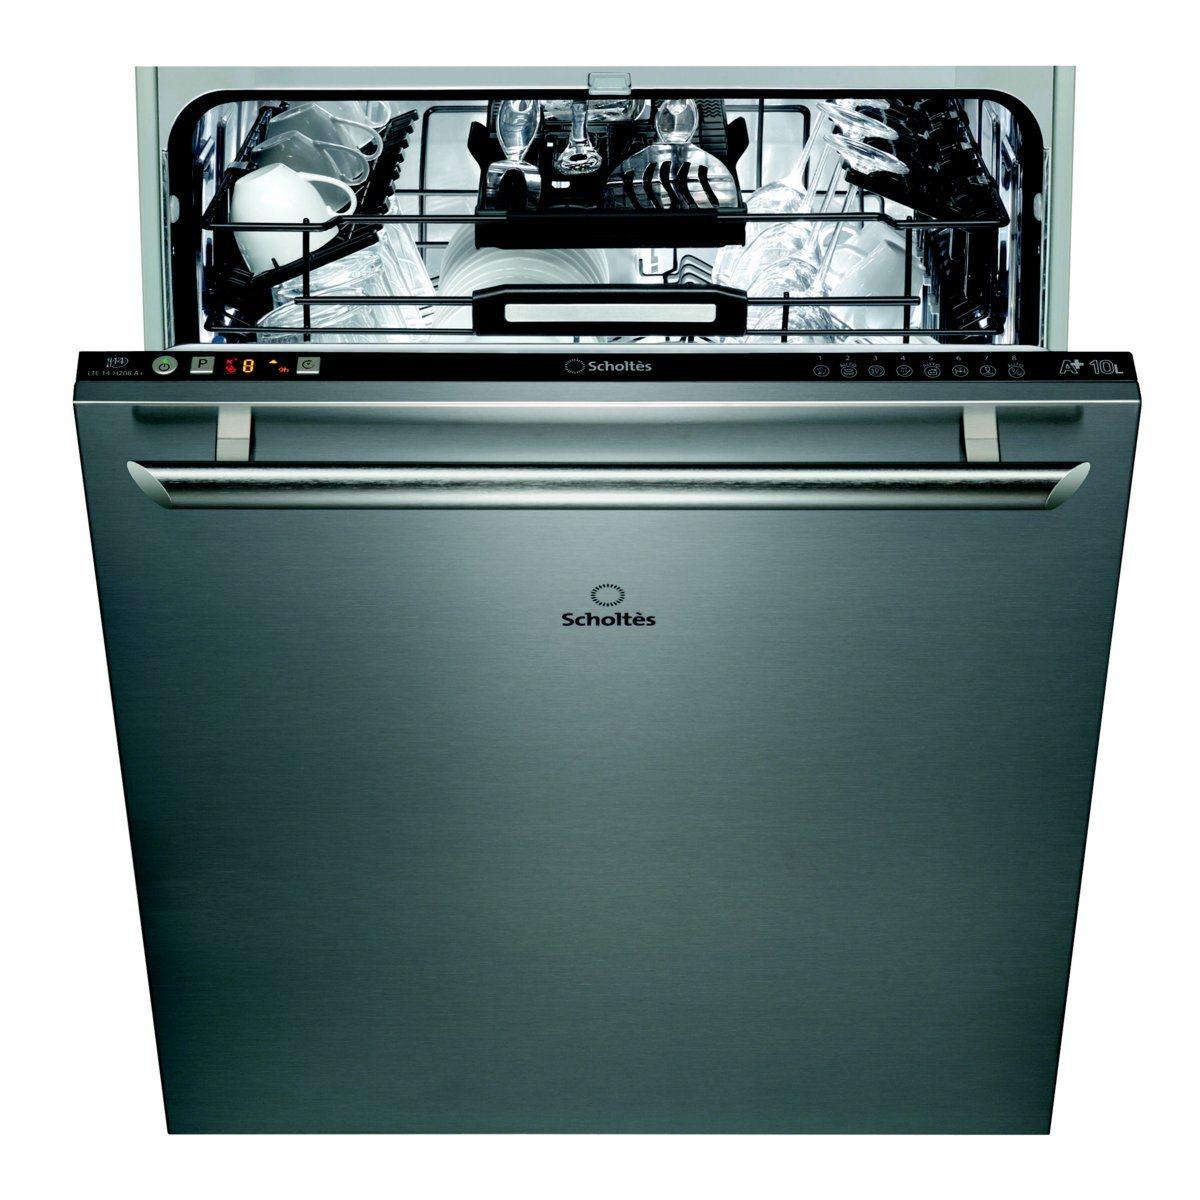 panne lave vaisselle probl me panne lave vaisselle whirlpool adg 8962 forum comment j ai d. Black Bedroom Furniture Sets. Home Design Ideas